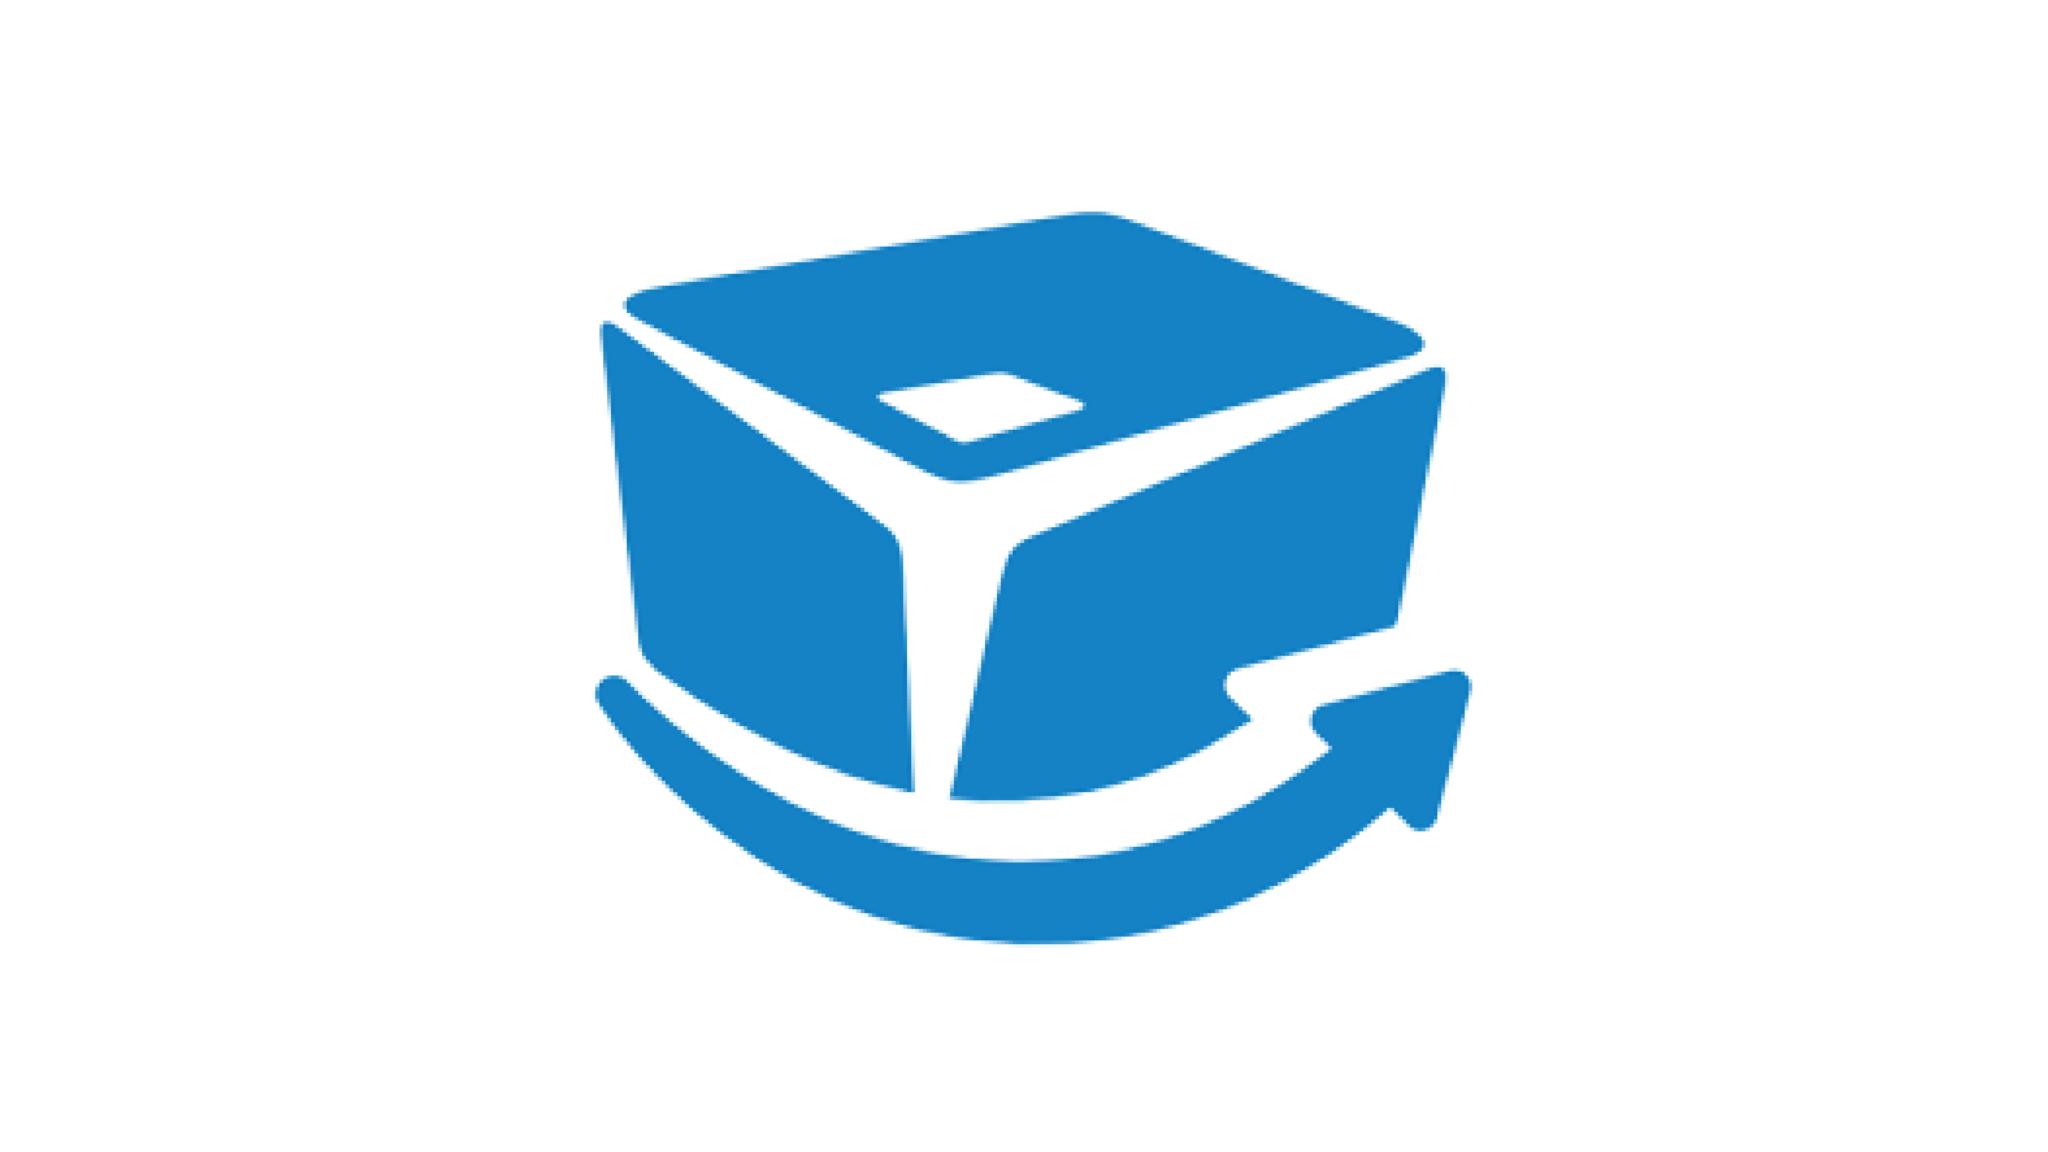 Internetová přepravní služba Zaslat.cz představila aplikaci pro Android a iOS